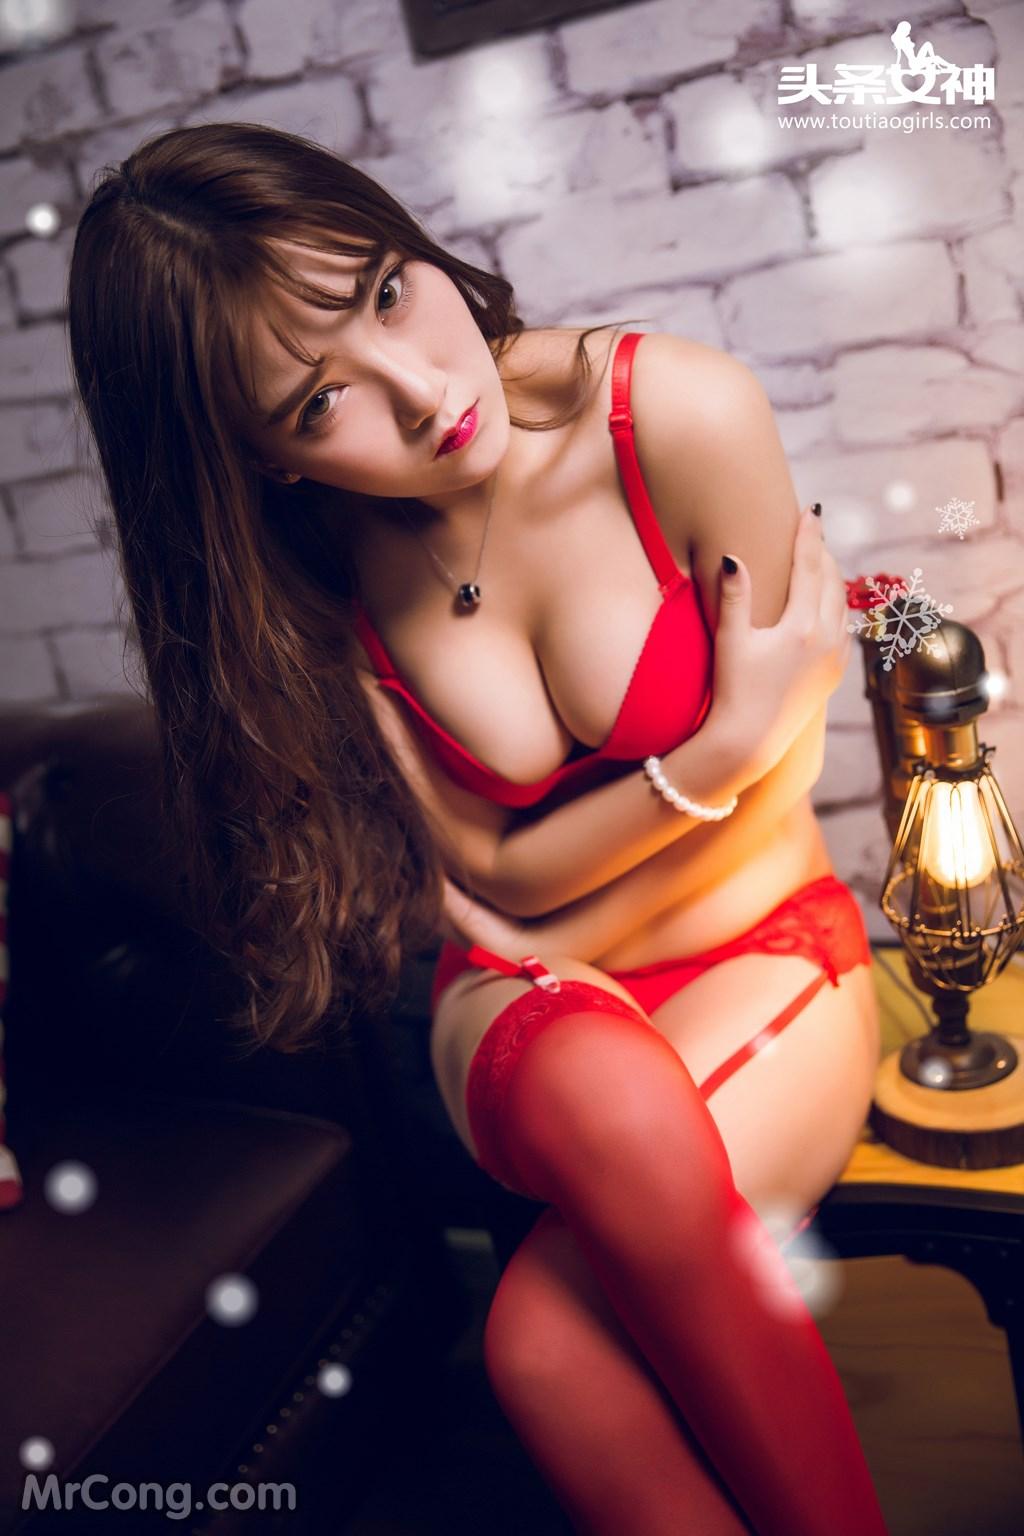 Image MrCong.com-TouTiao-2016-12-24-He-Jiao-Jiao-and-Yao-Yao-009 in post TouTiao 2016-12-24: Người mẫu He Jiao Jiao (何娇娇) và Yao Yao (药药) (41 ảnh)